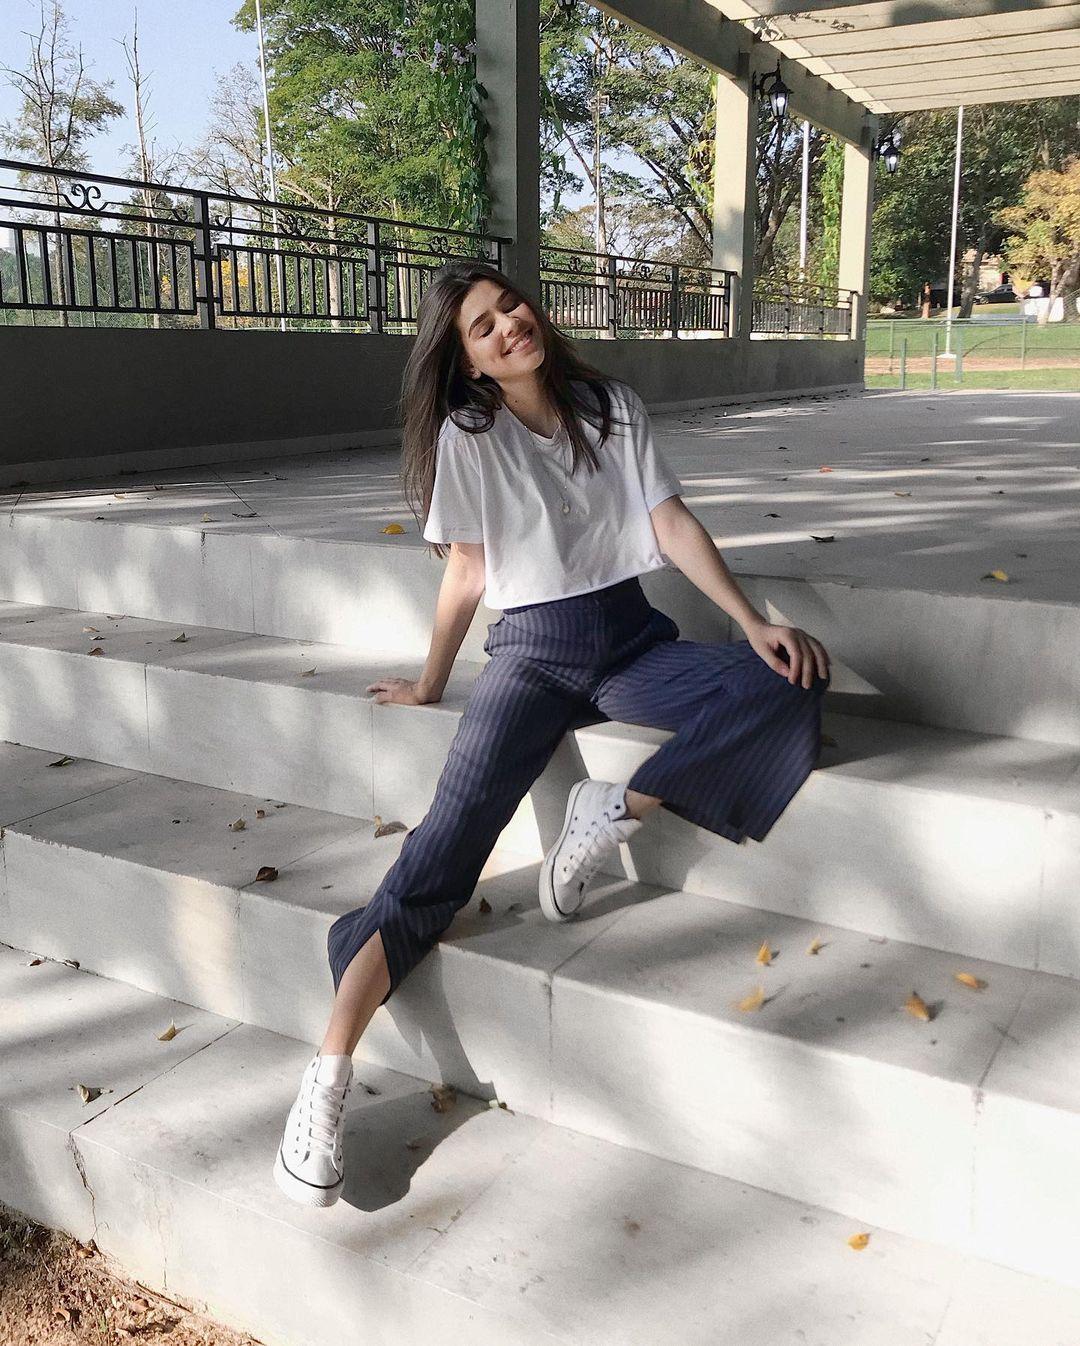 A mulher está sentada em uma escada. Ela veste uma camiseta branca, calça de alfaiataria azul e tênis de cano alto branco. Ela está de olhos fechados sorrindo.